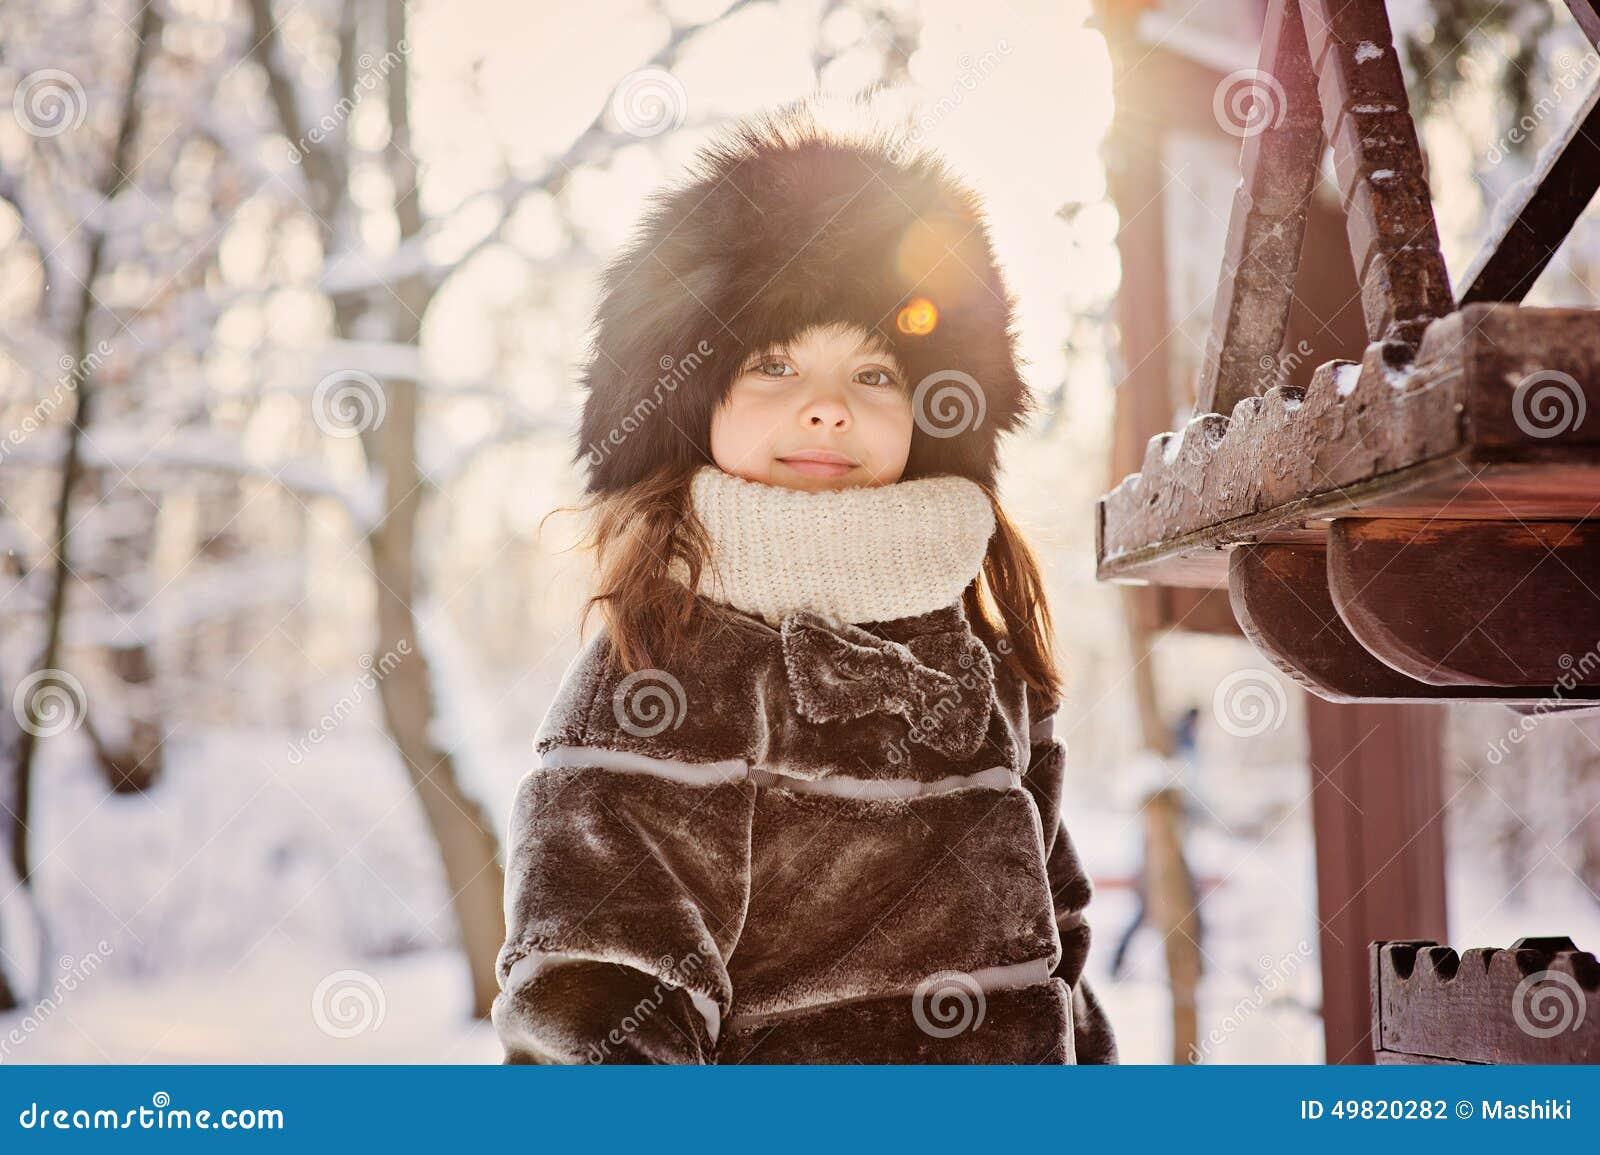 裘皮帽和外套的愉快的可爱的儿童女孩在步行的鸟饲养者附近在冬天森林里